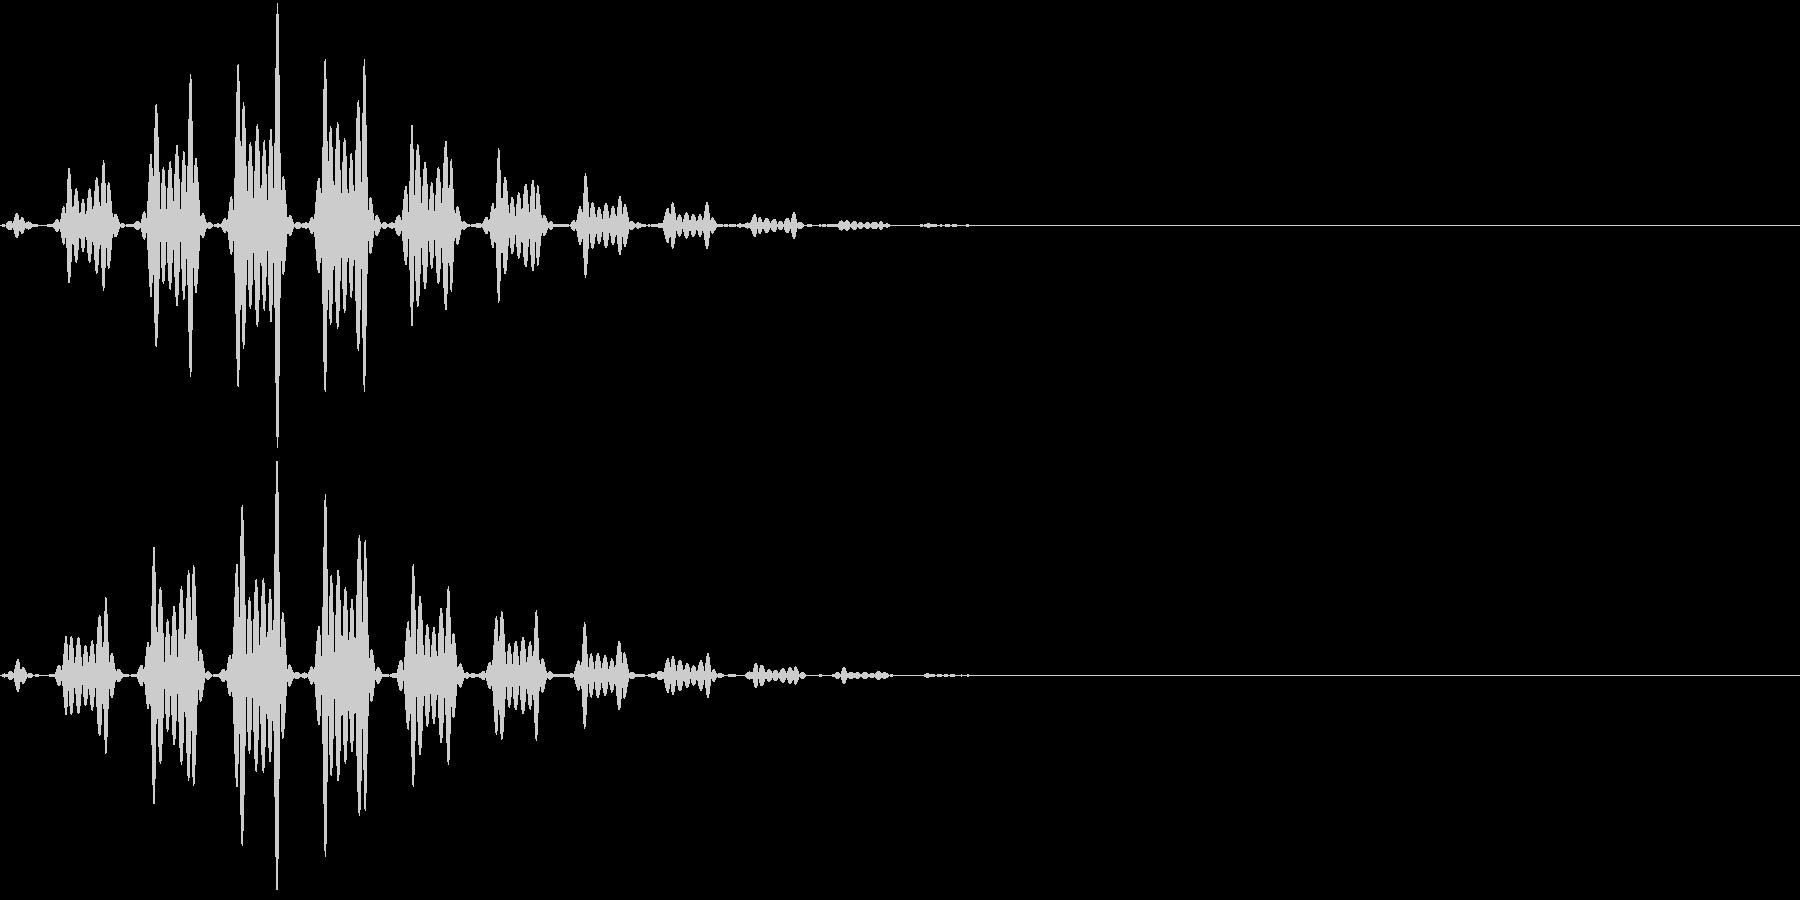 FX 幽霊の効果音 揺れる SE 3の未再生の波形